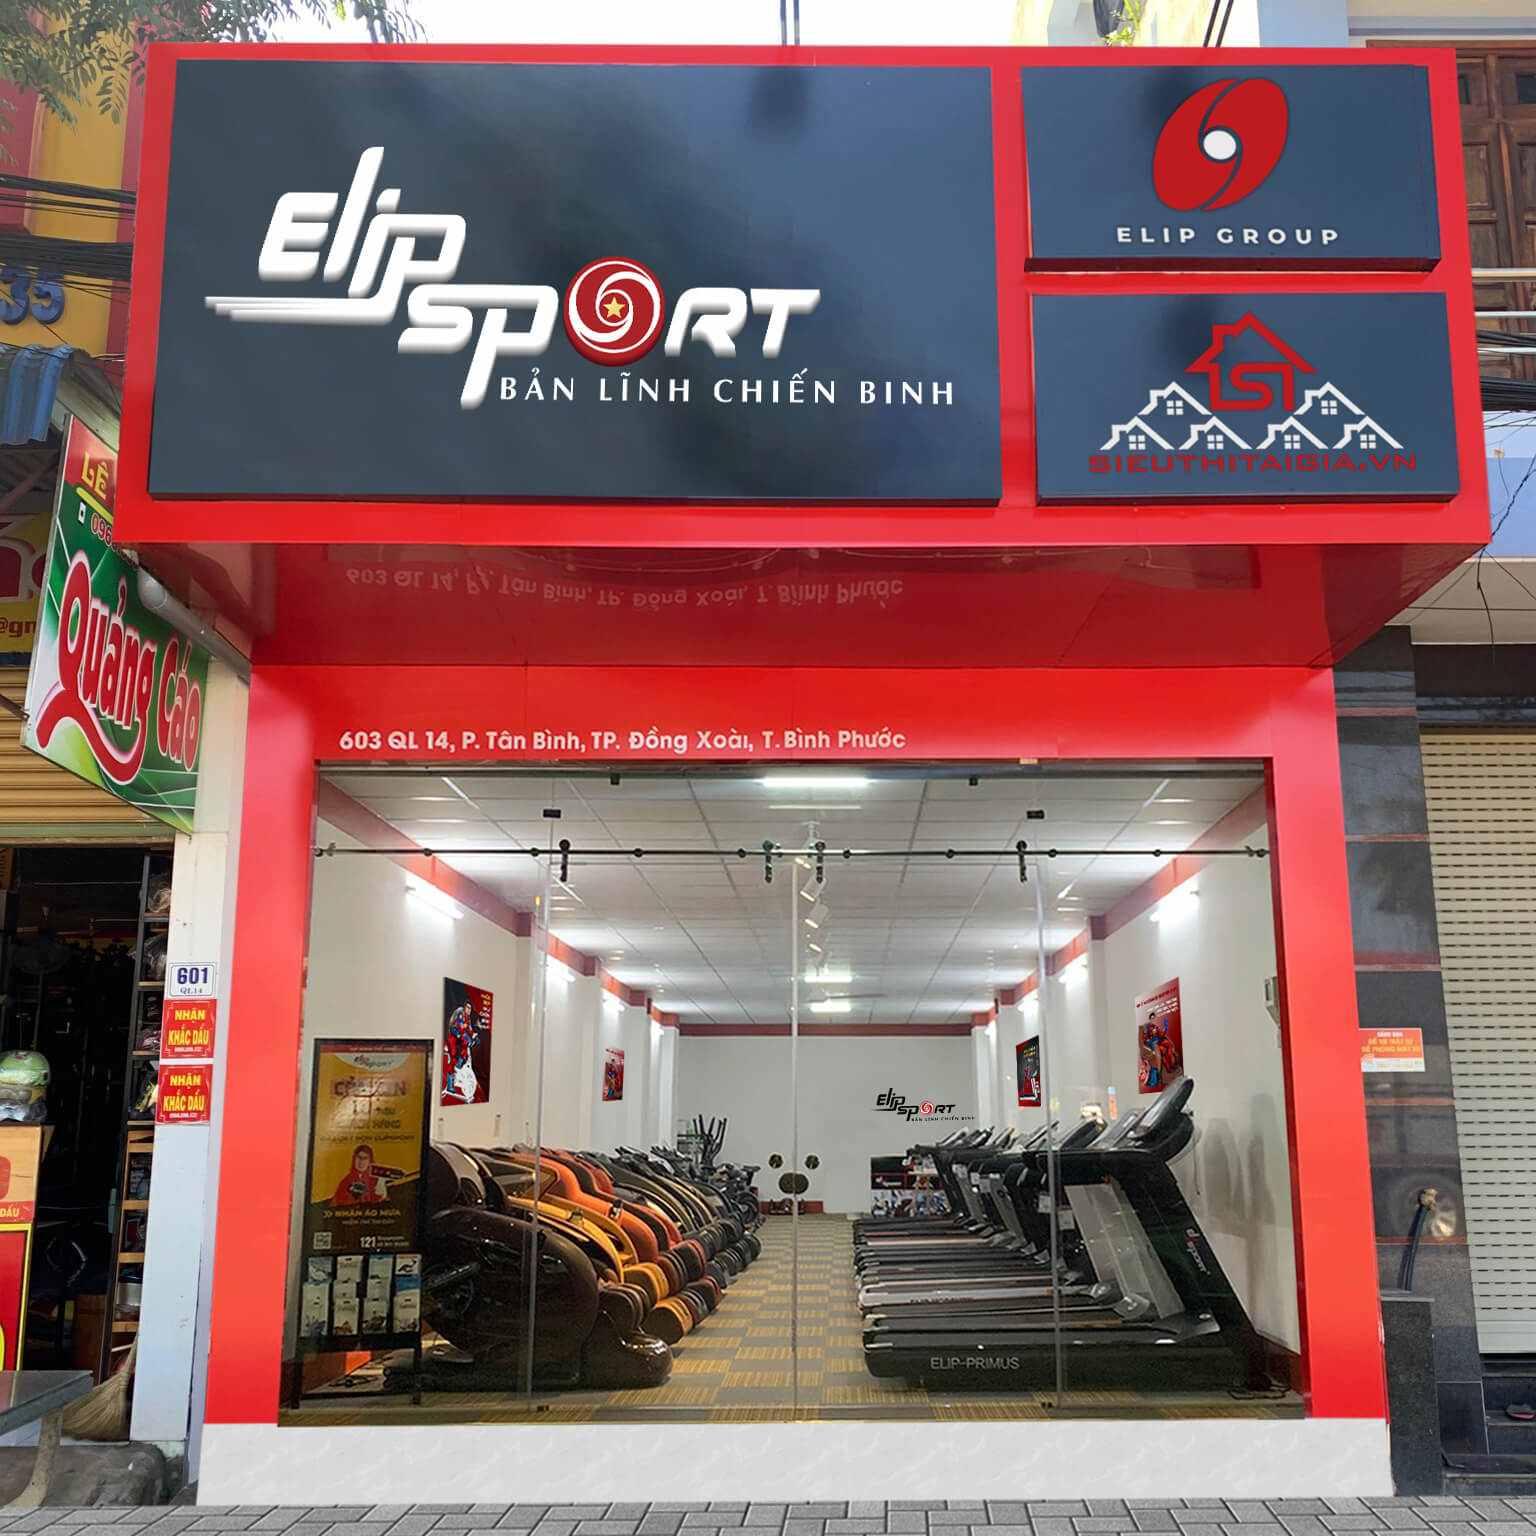 Hình ảnh của chi nhánh Elipsport Bình Phước